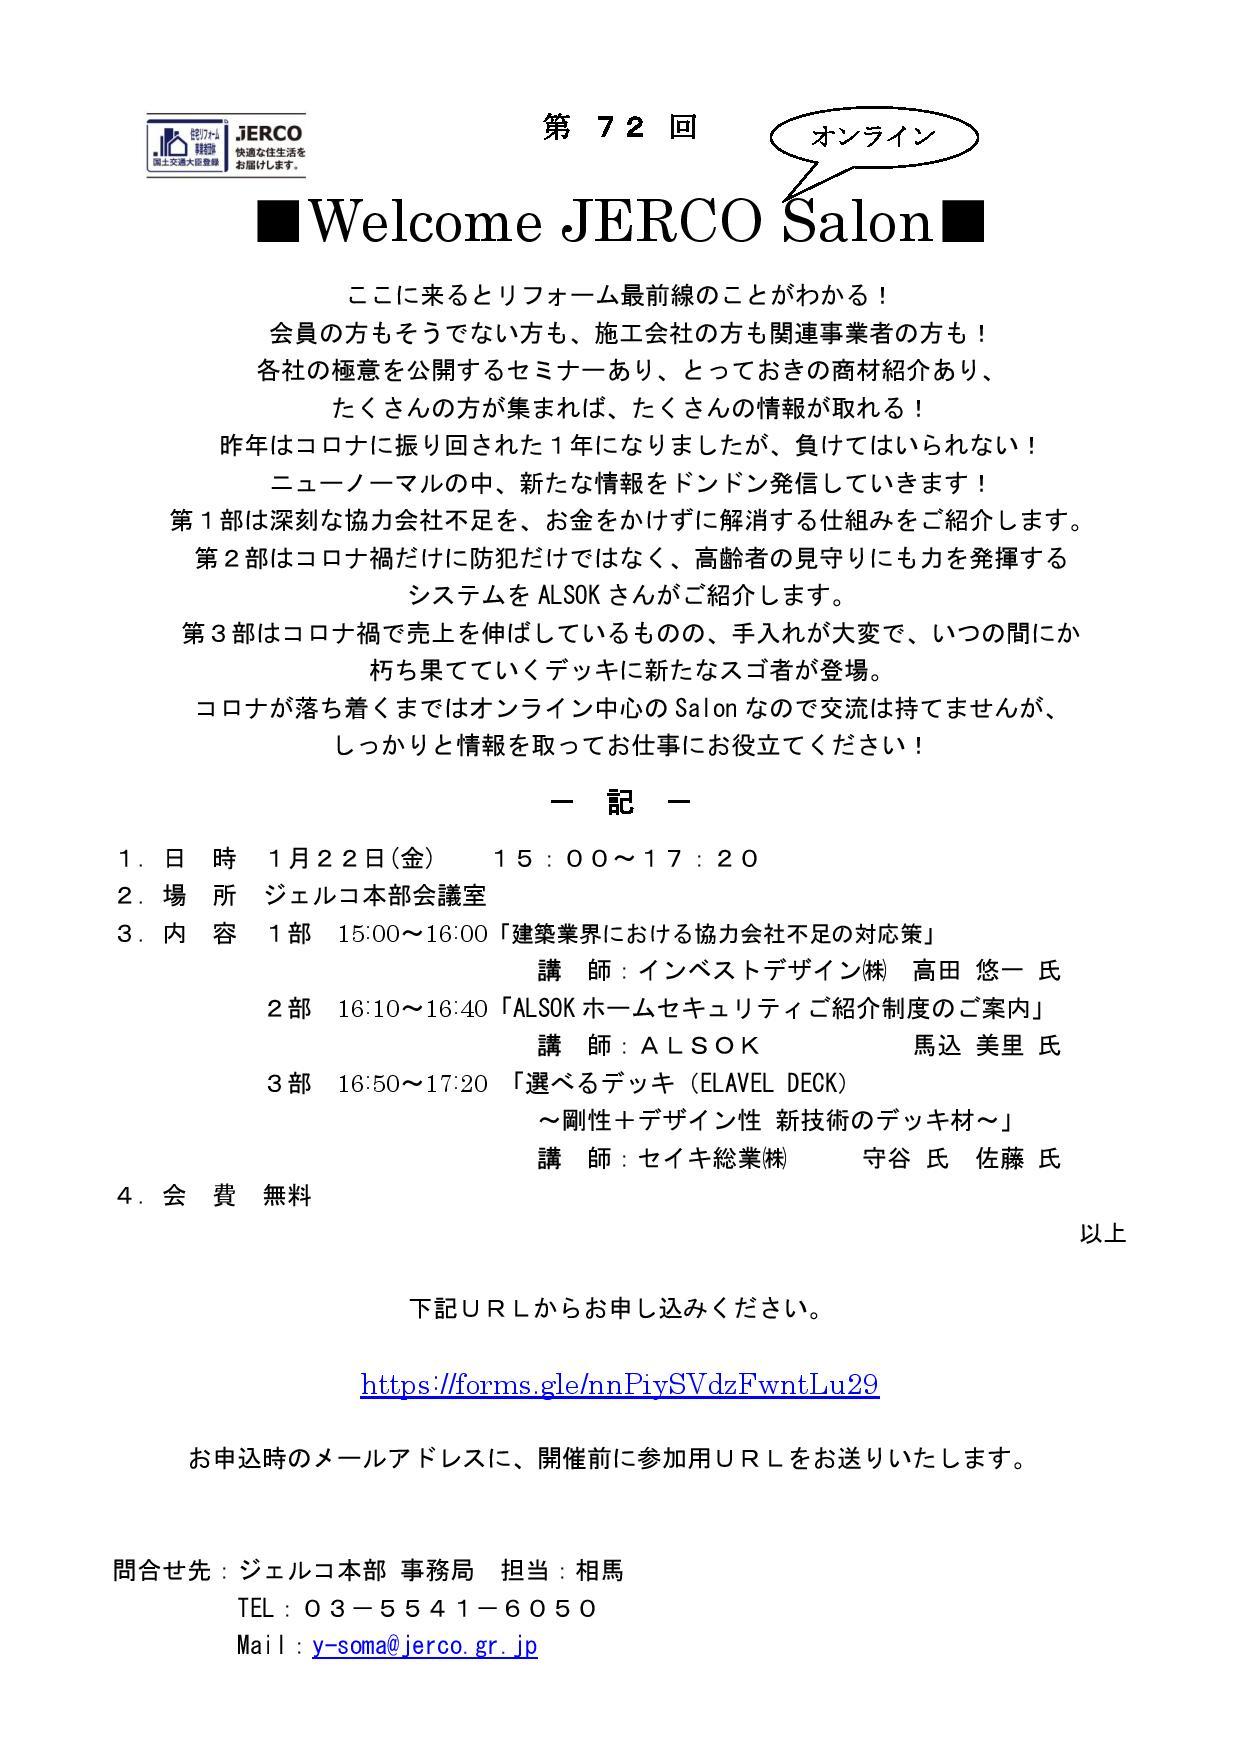 2021年1月22日(金)15:00~ Welcome JERCO Salon 協力会社との関係強化